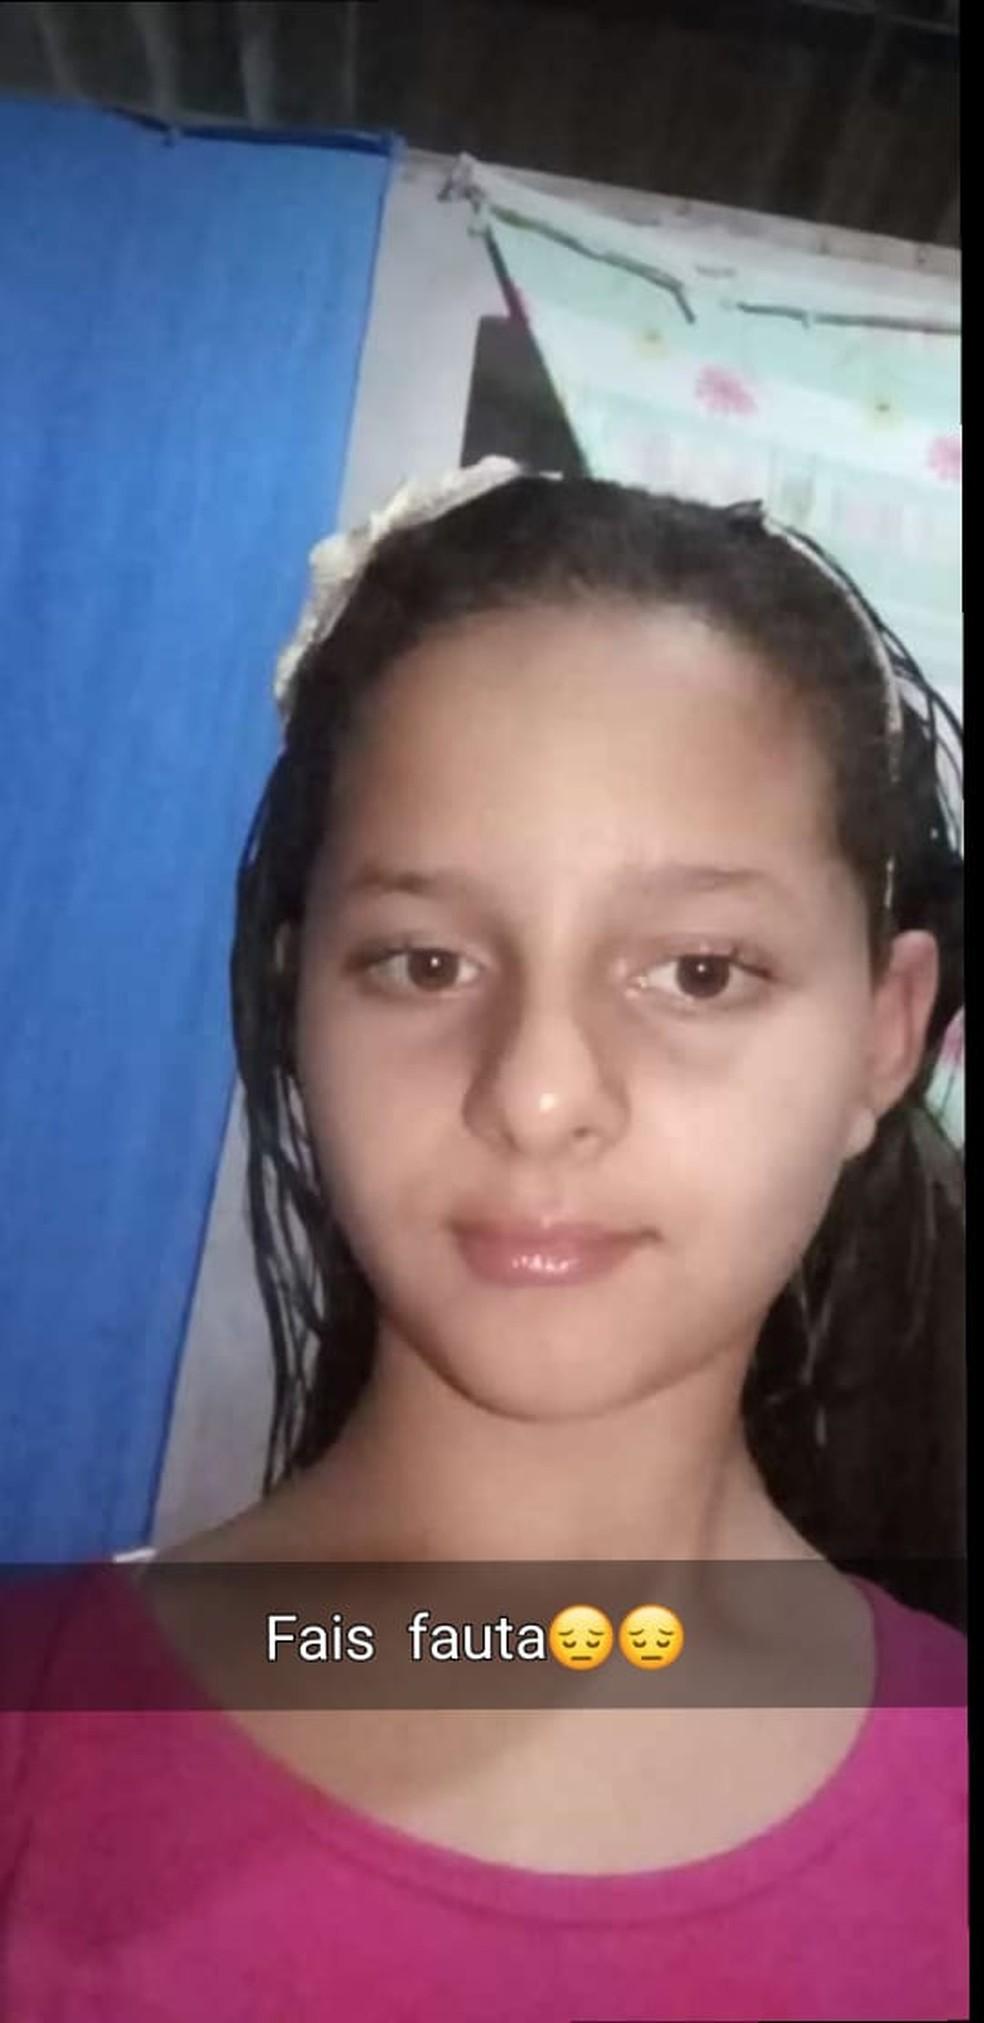 Paula Vitória Hippler dos Santos, de 10 anos, morreu atingida por raio em Brasnorte — Foto: Arquivo pessoal